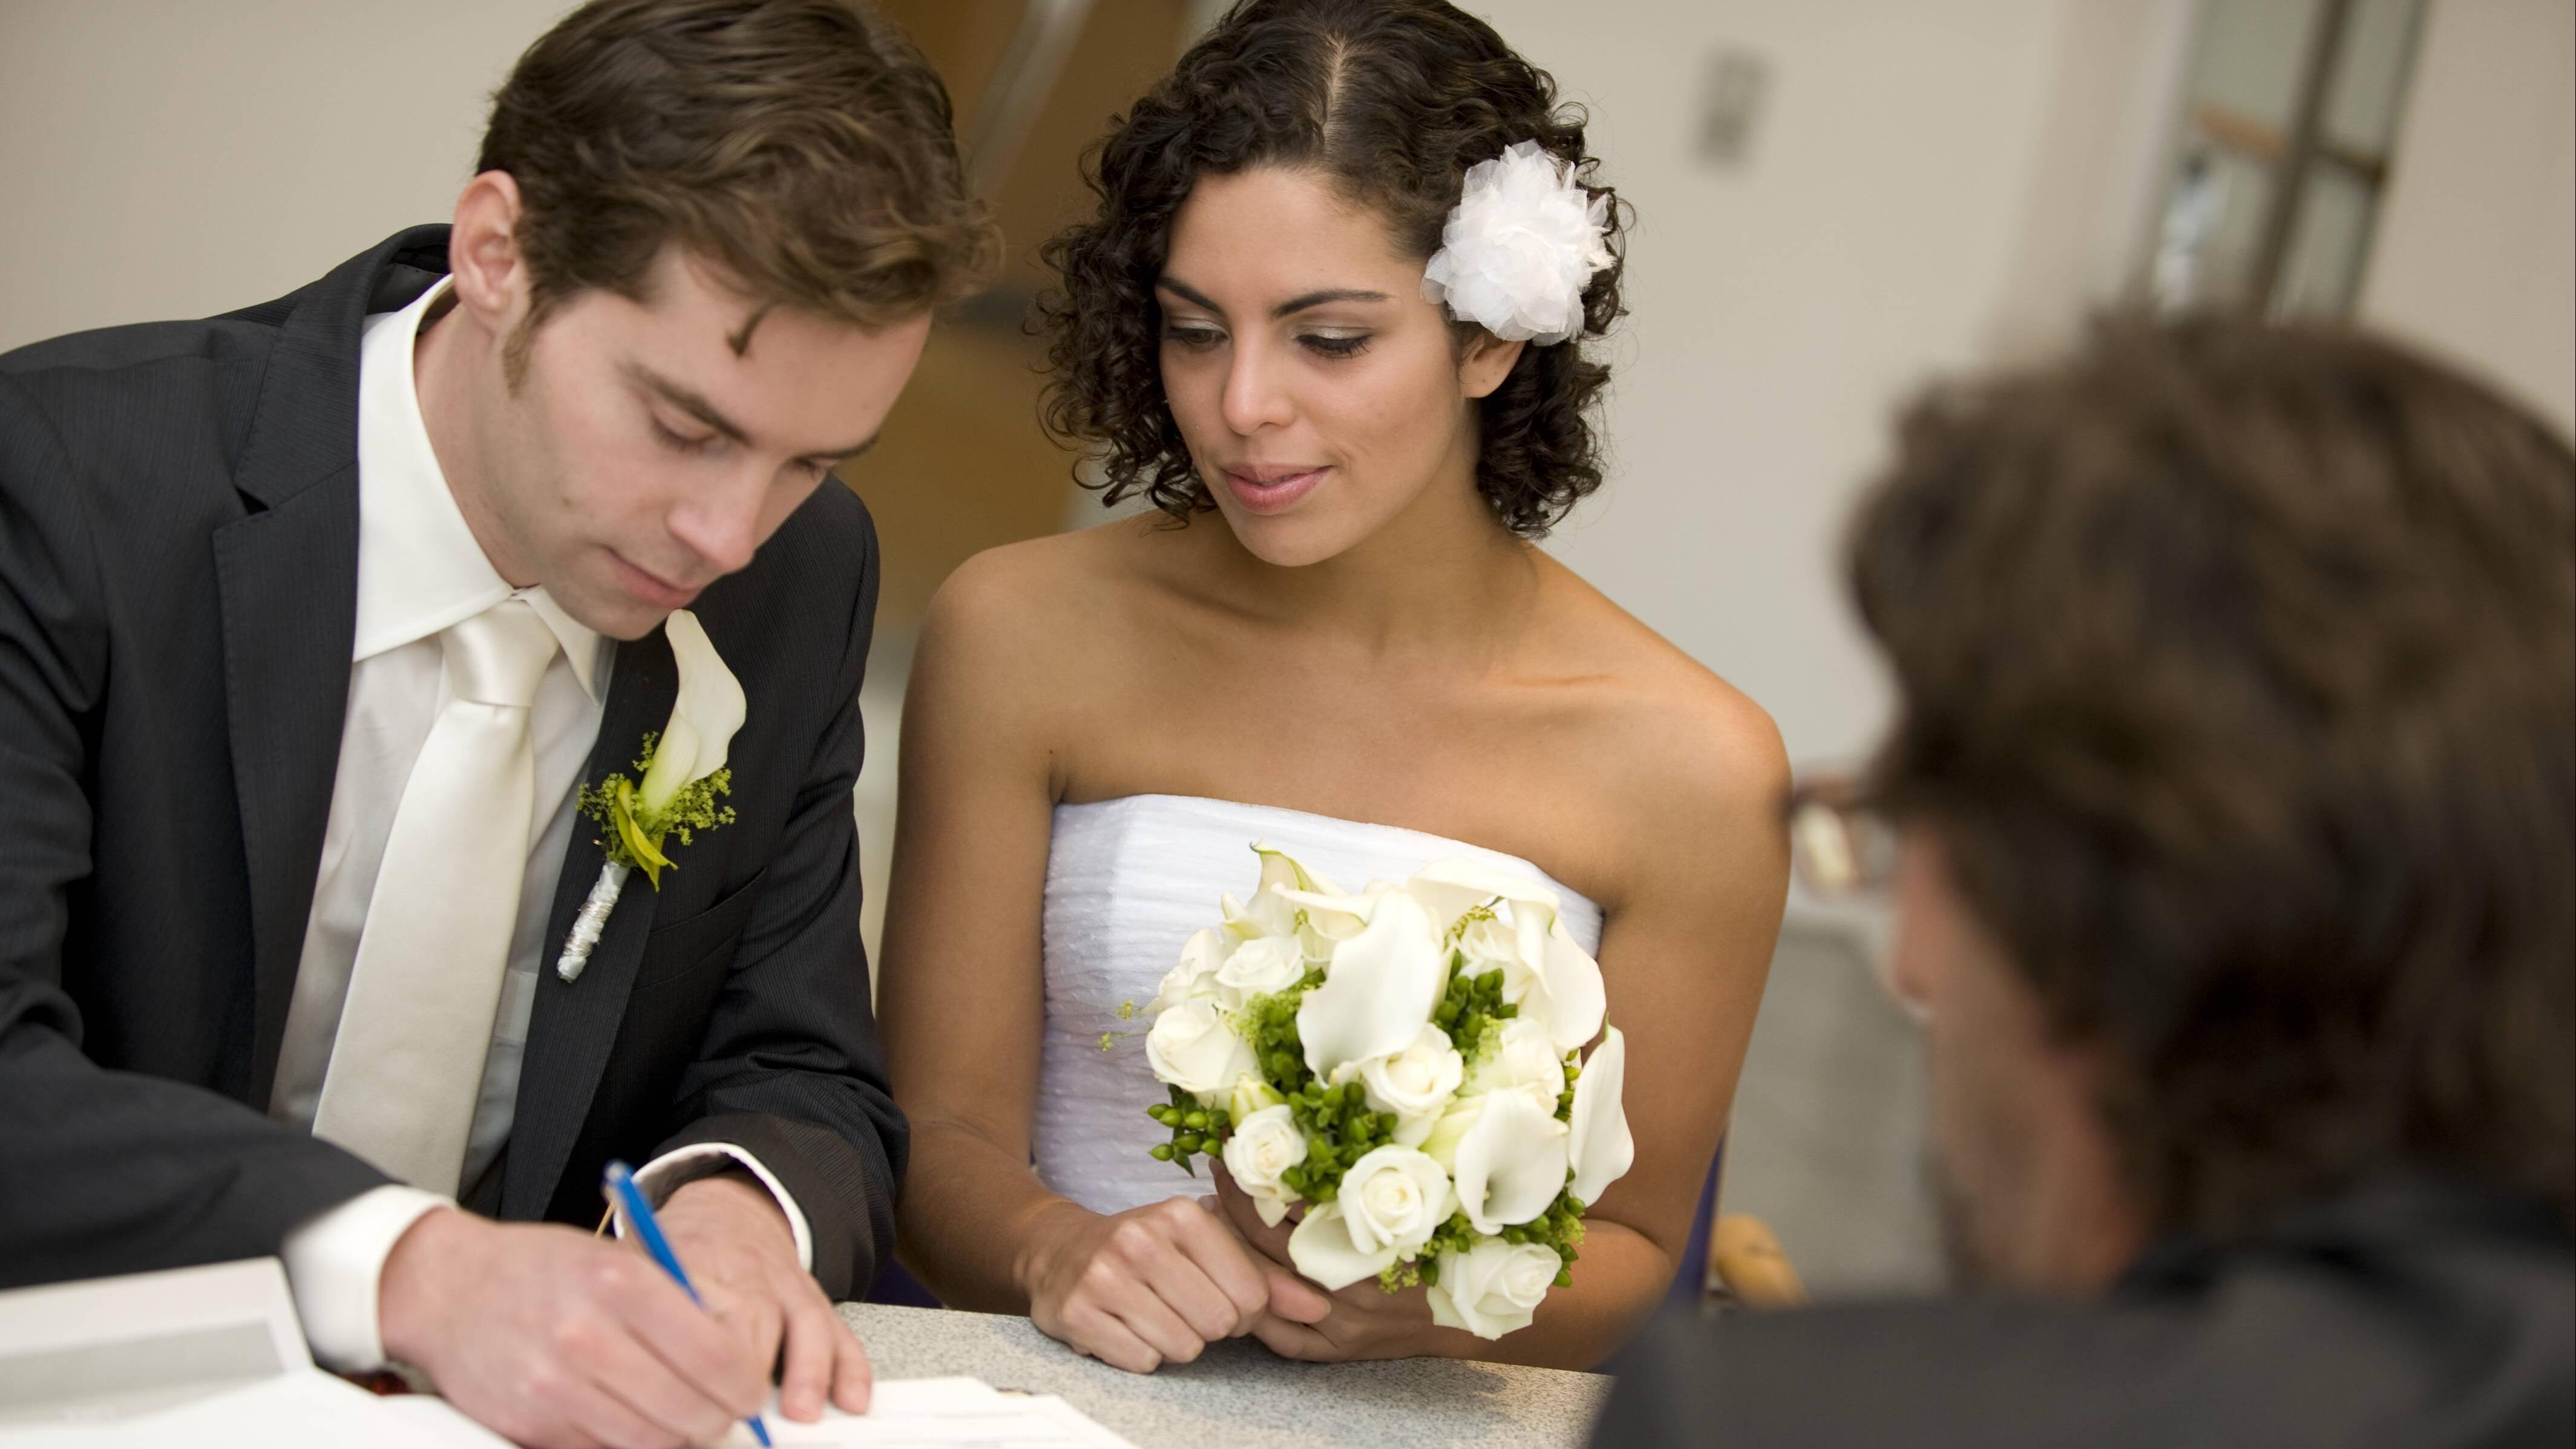 Auf dem Standesamt zu heiraten, bedarf der Planung.